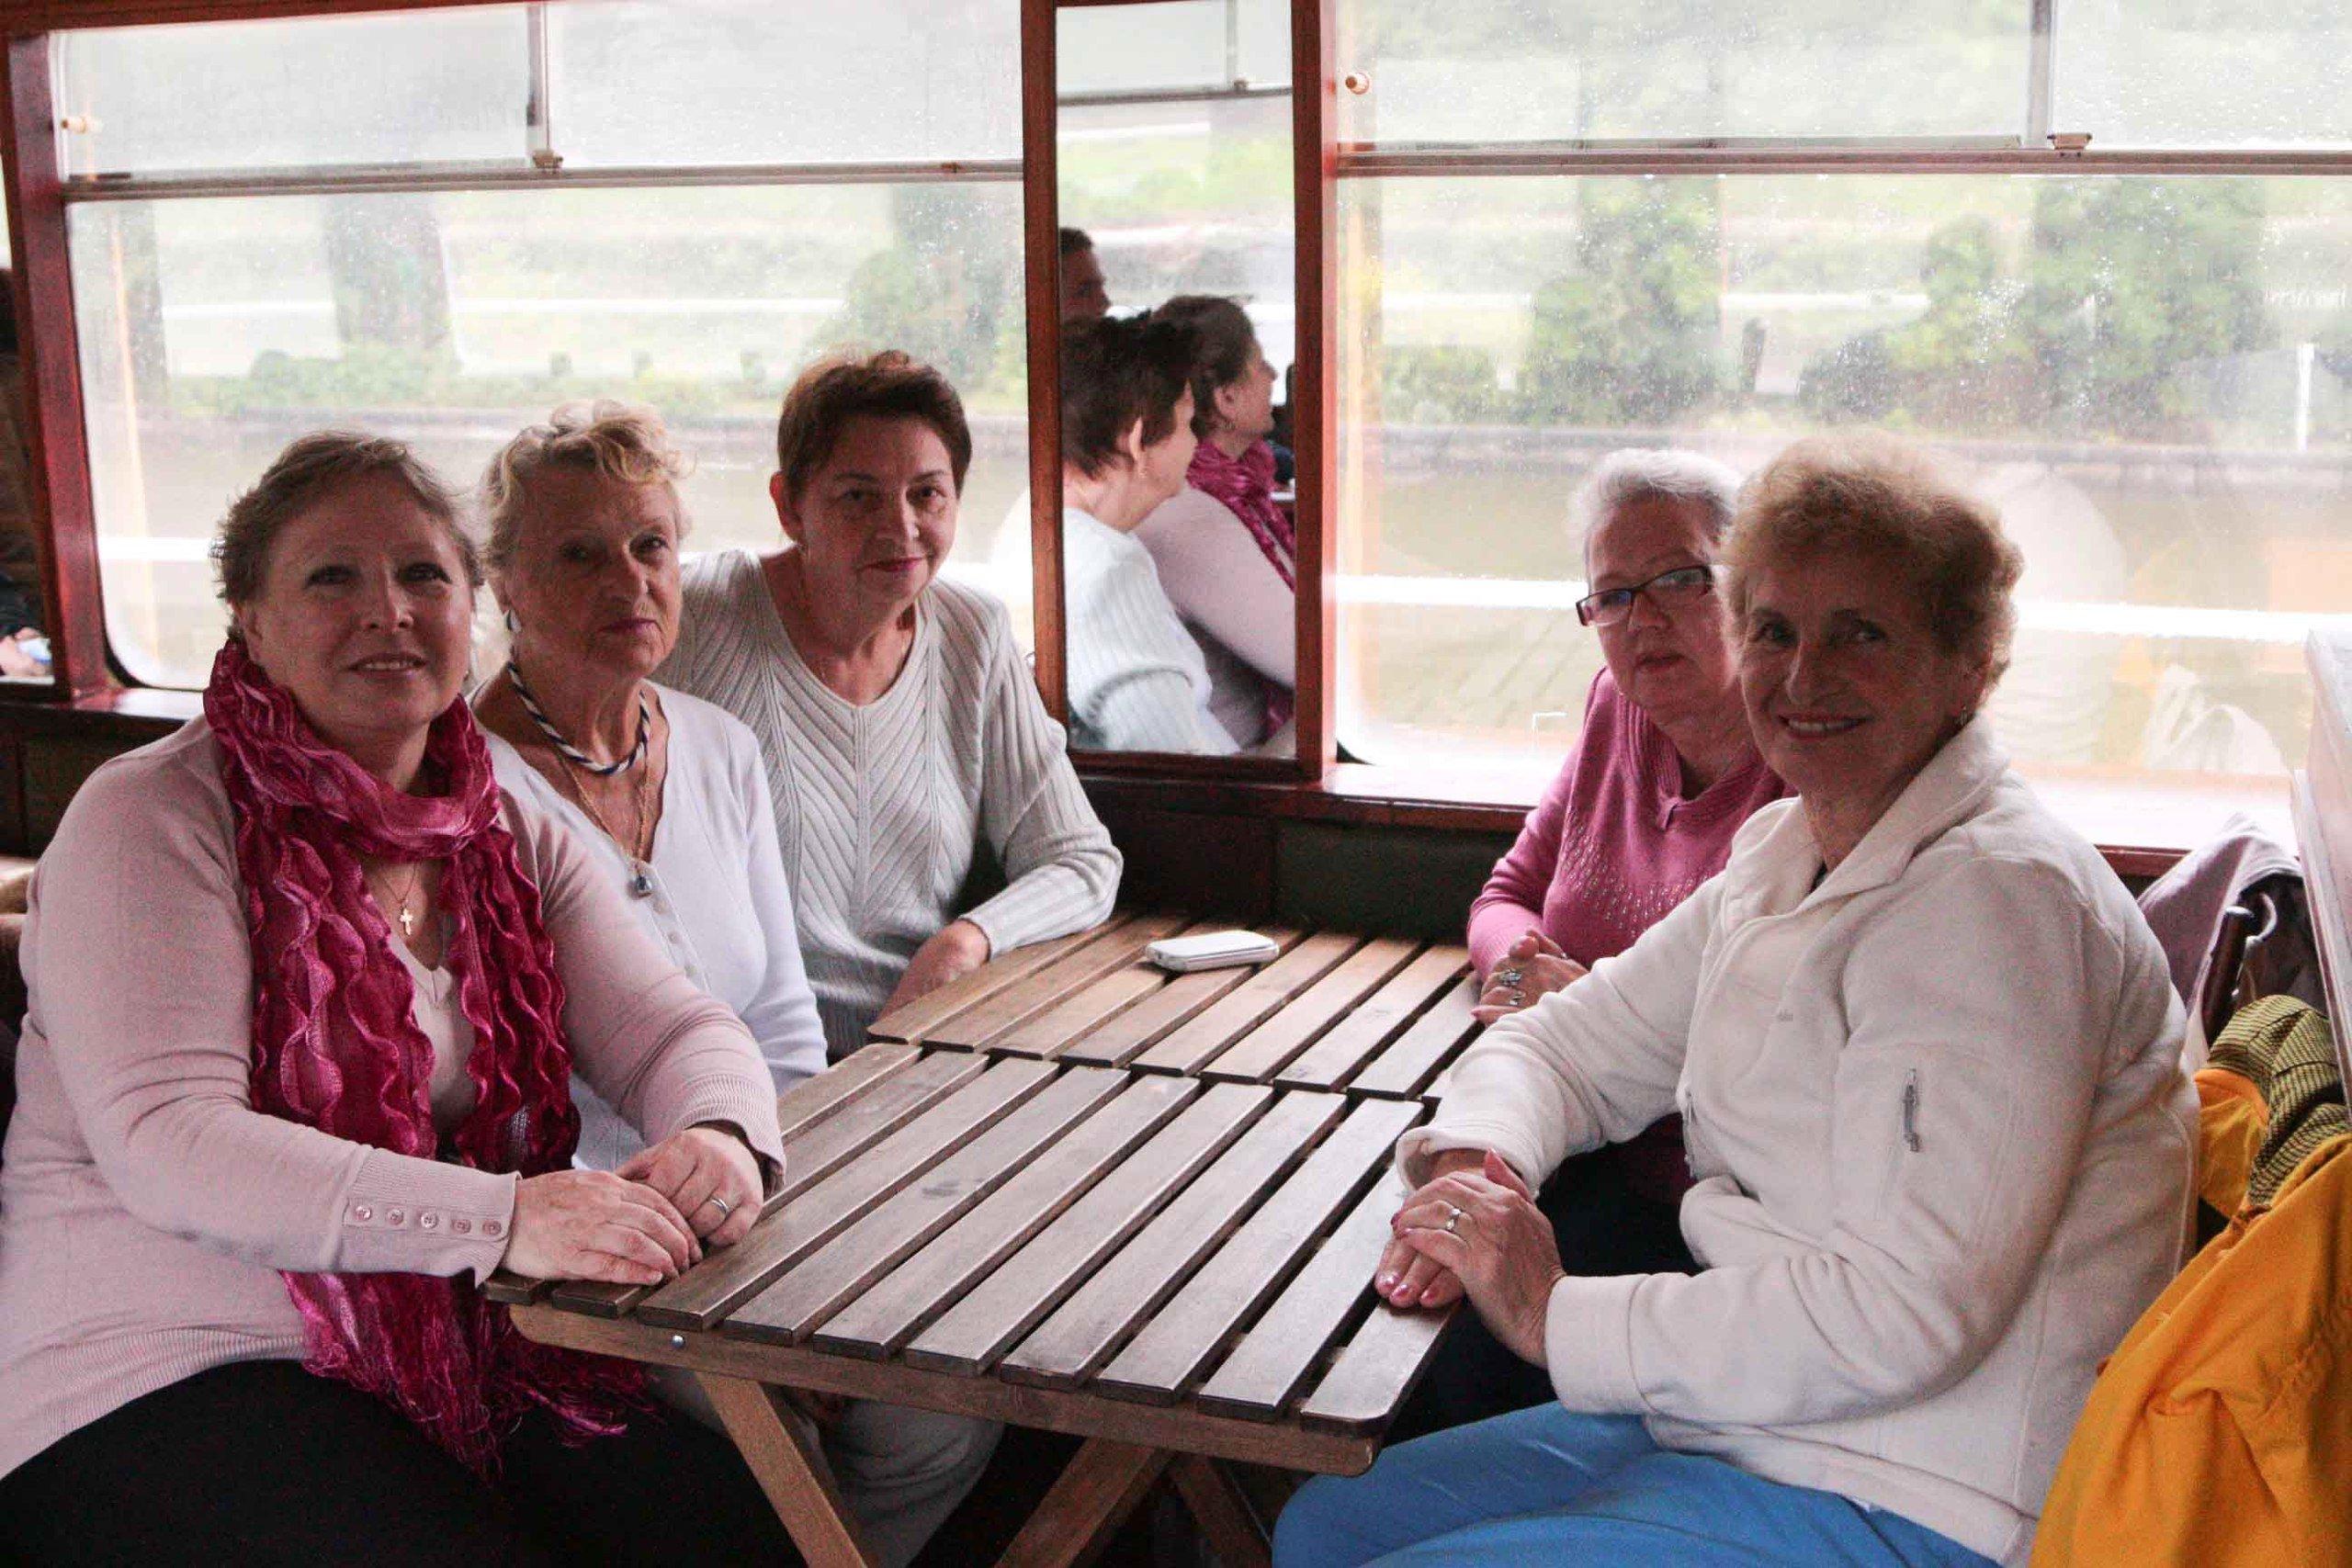 Отработавшие 38 лет жители раньше доэтого уйдут напенсию— Реформа вИталии